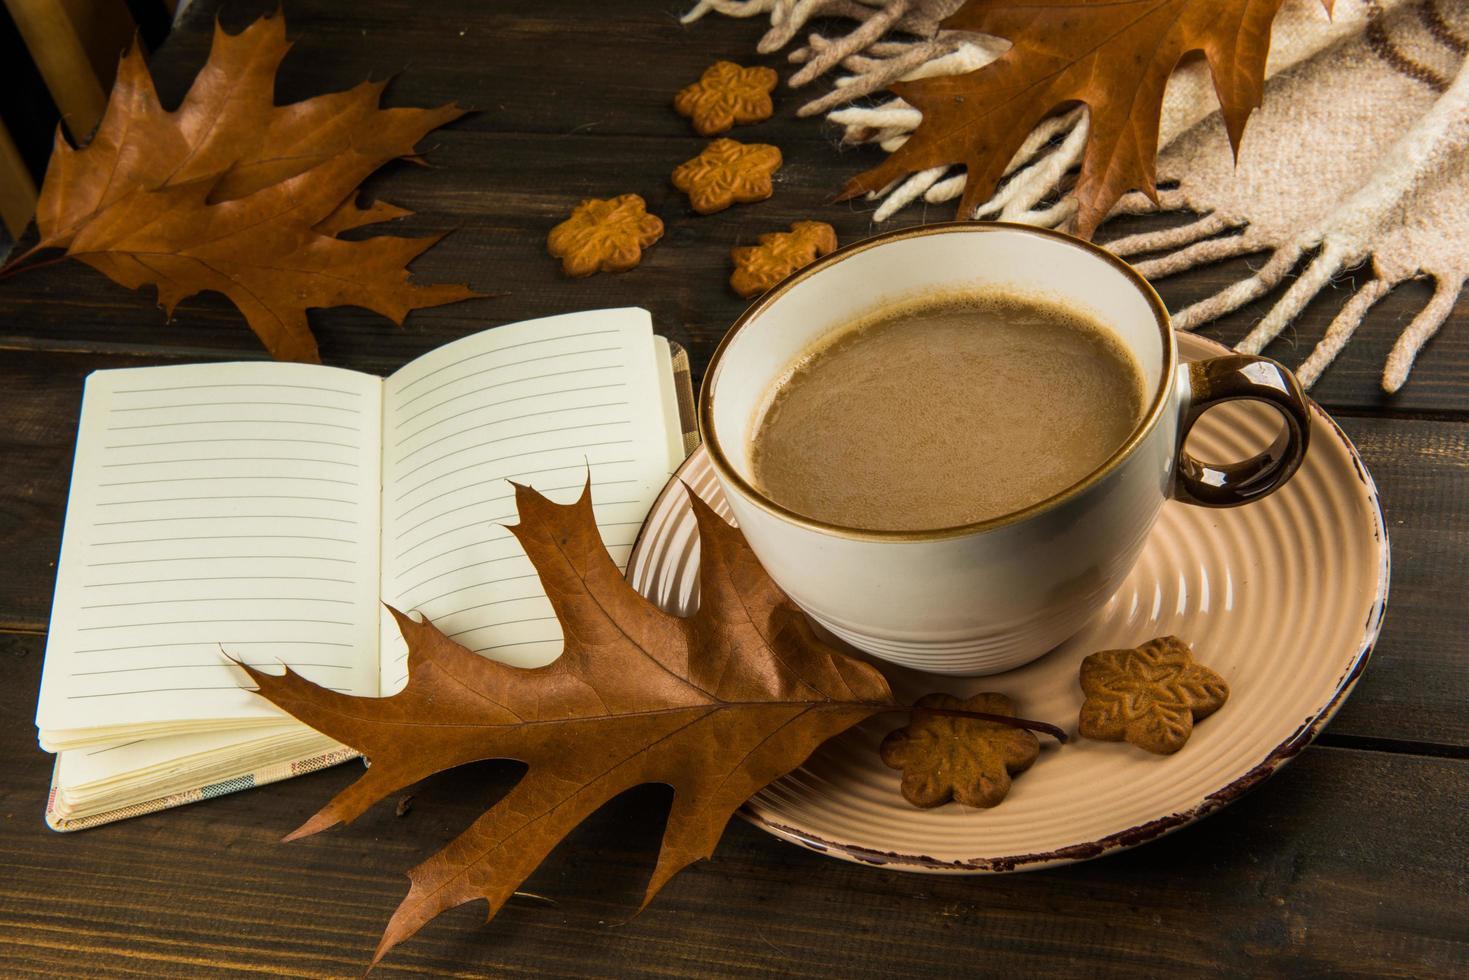 tasse de café avec feuilles, cahier et biscuits photo